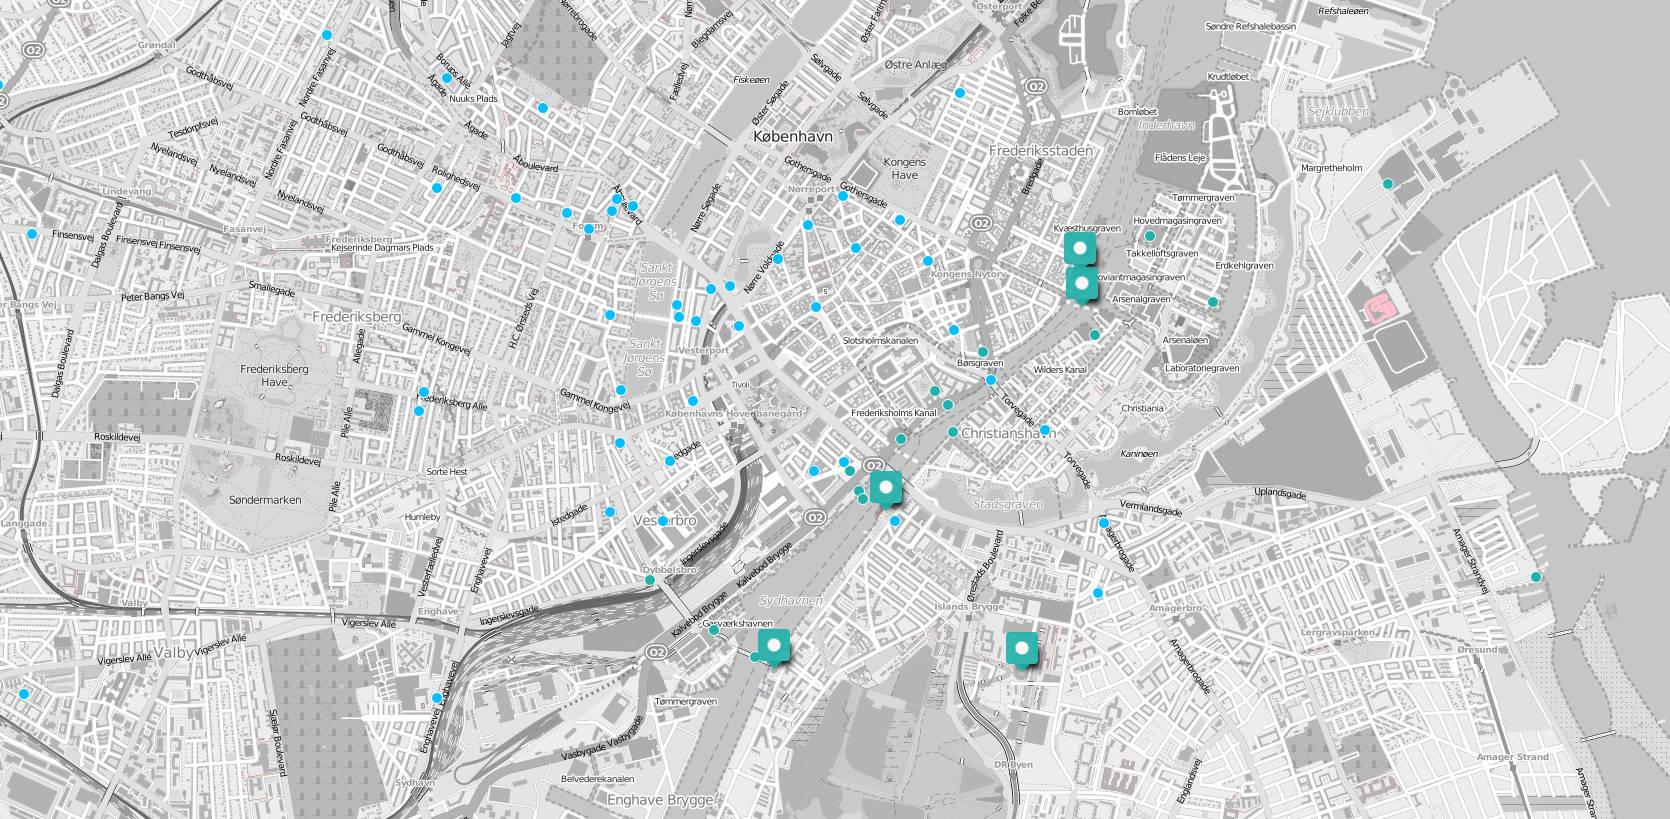 Arkitektur i København - kort